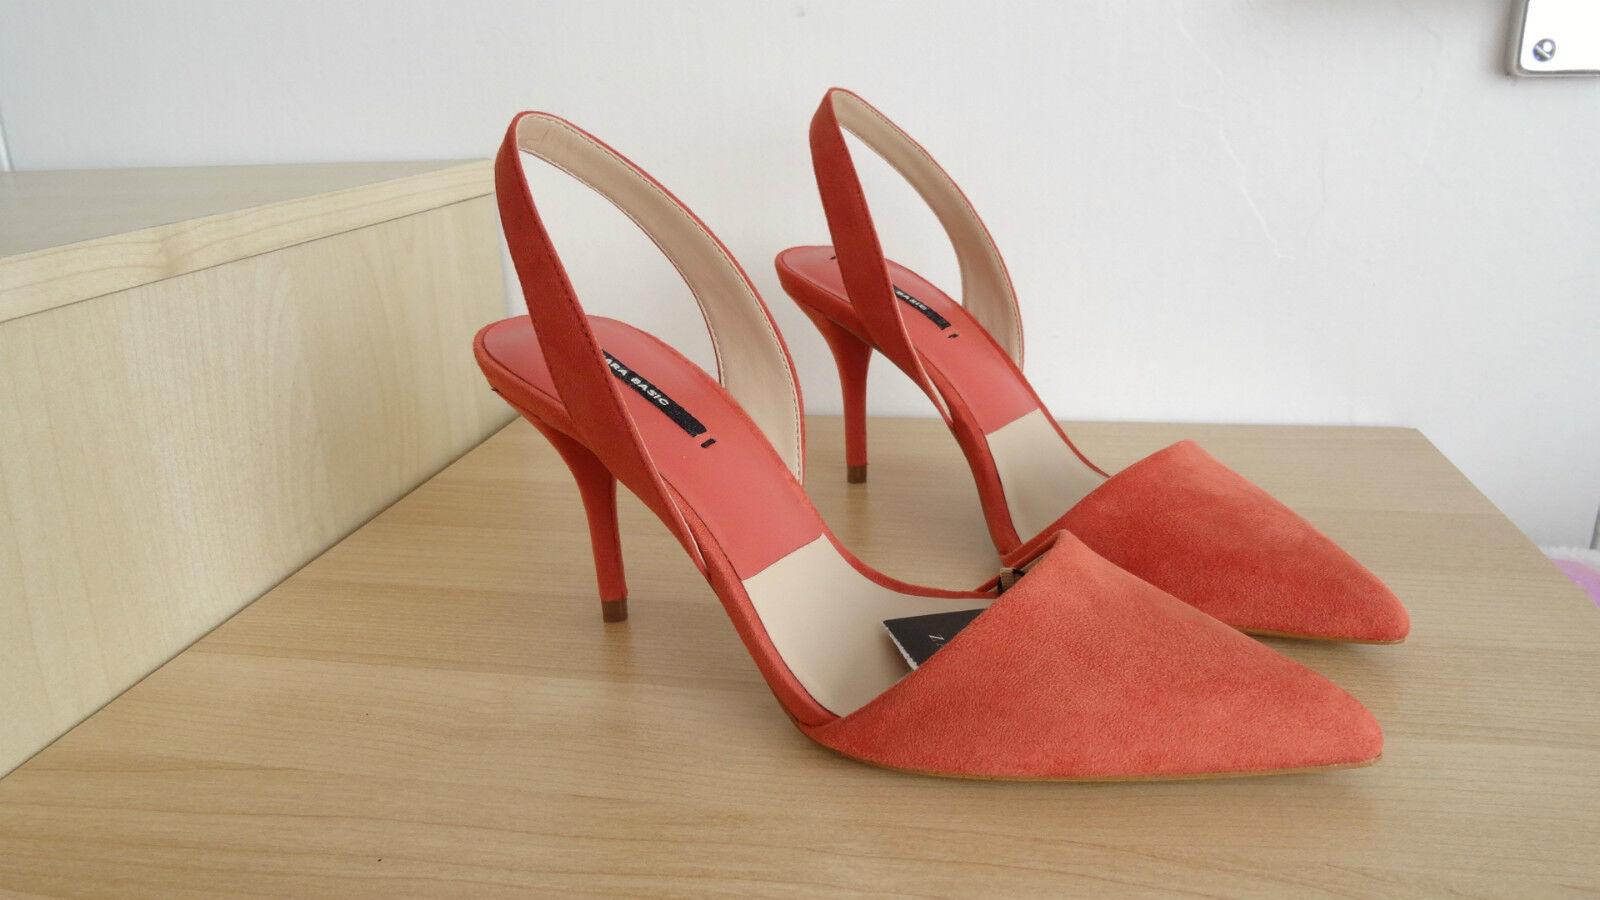 c9ede4df Zara Color Melocotón señaló Slingback Zapatos Taco Alto Talla UE 38 EE. UU.  7